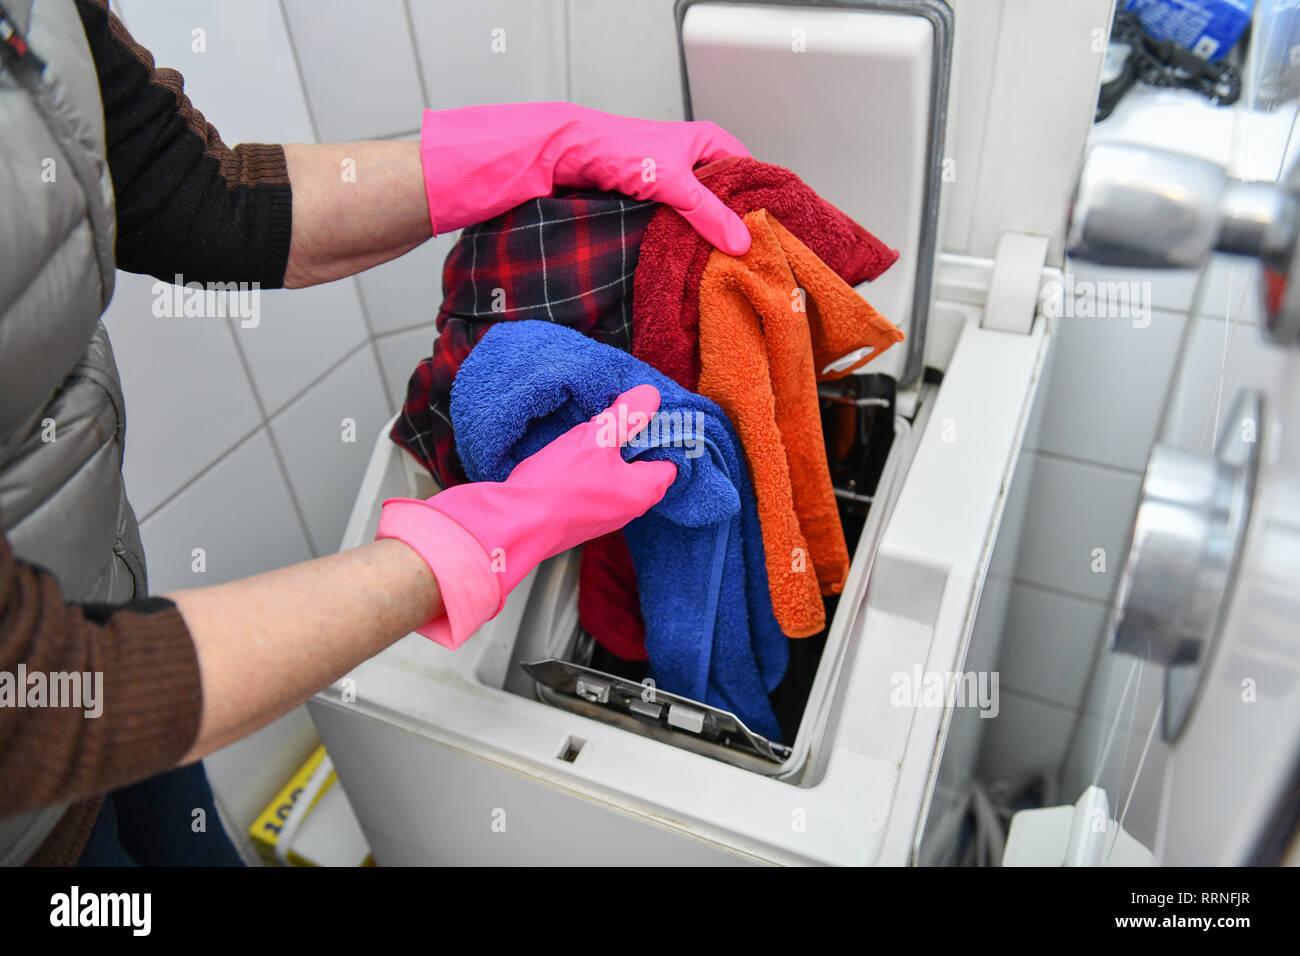 Washing machine put away, Waschmaschine einräumen Stock Photo